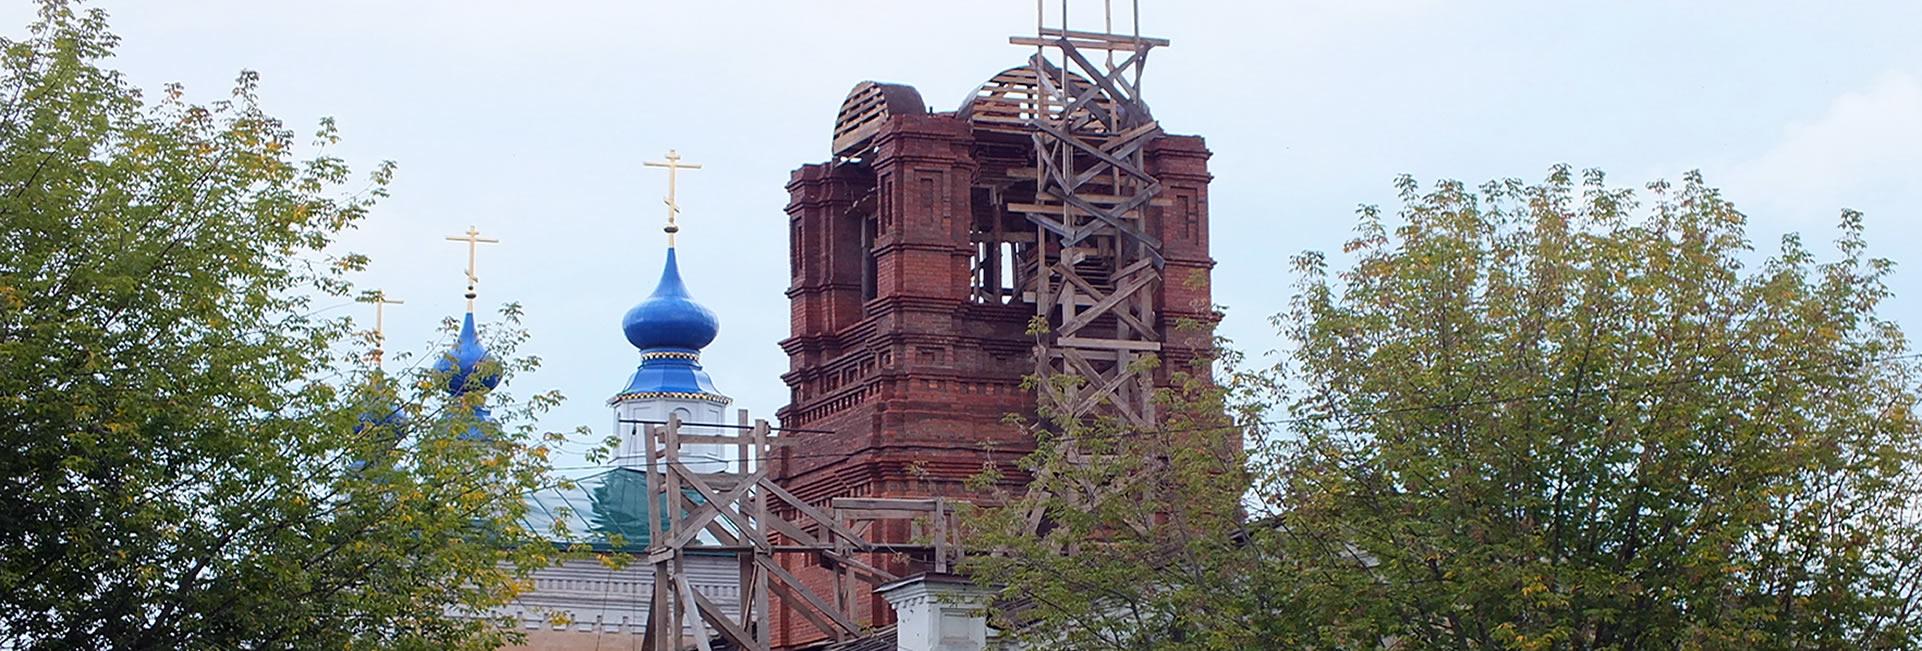 передача Храма Русской Православной Церкви